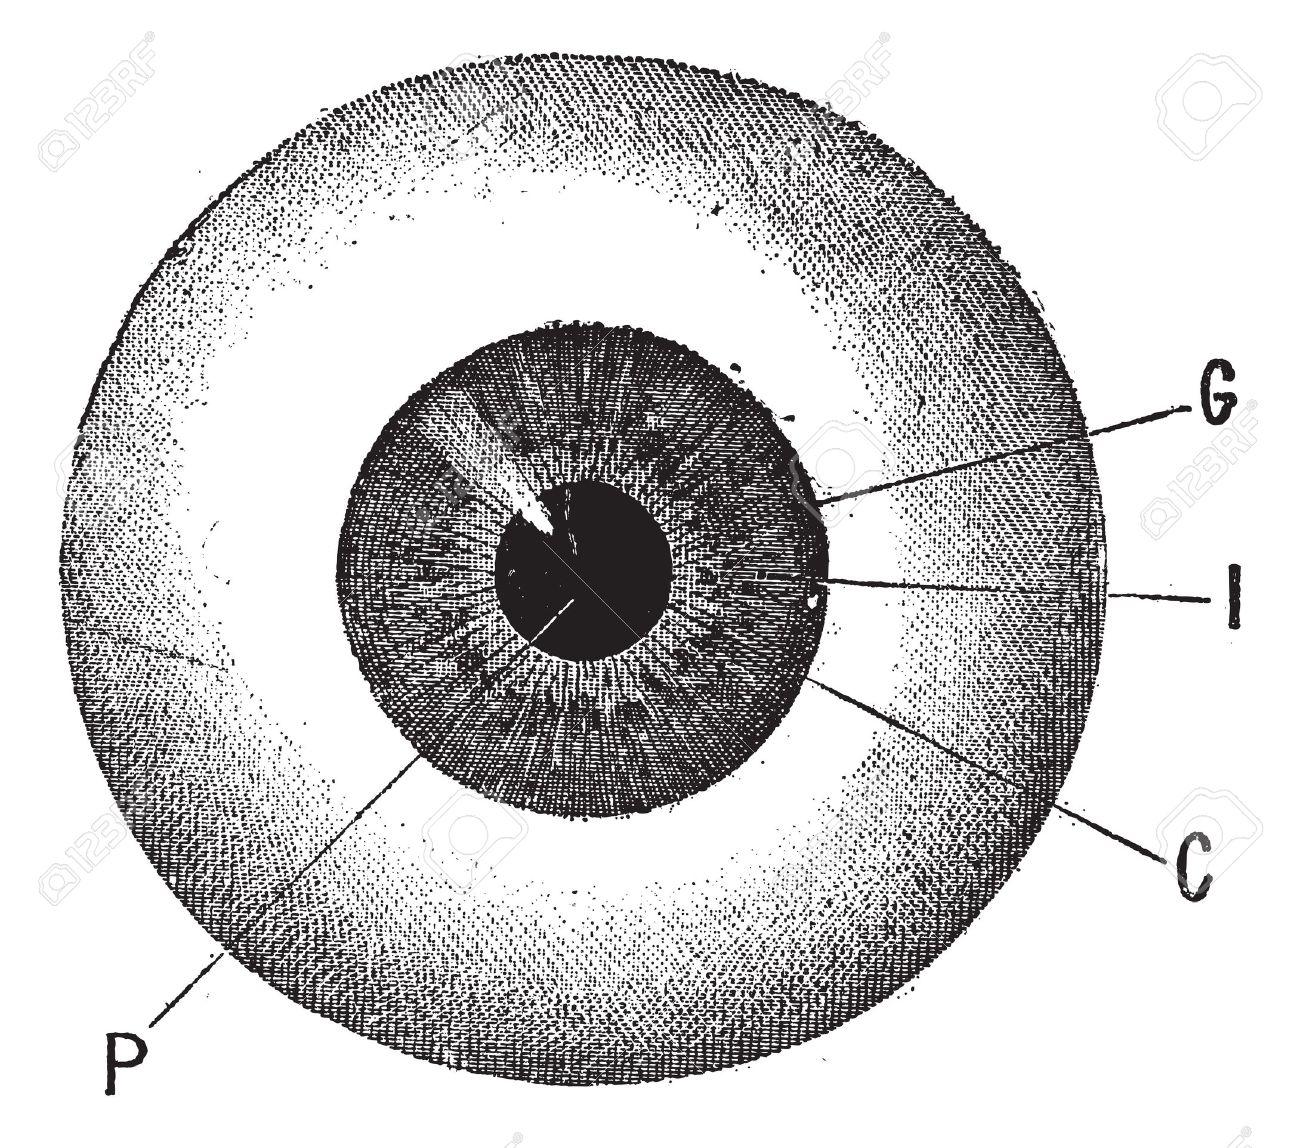 Iris, Jahrgang Gravierte Darstellung. Menschliche Auge. Wörterbuch ...